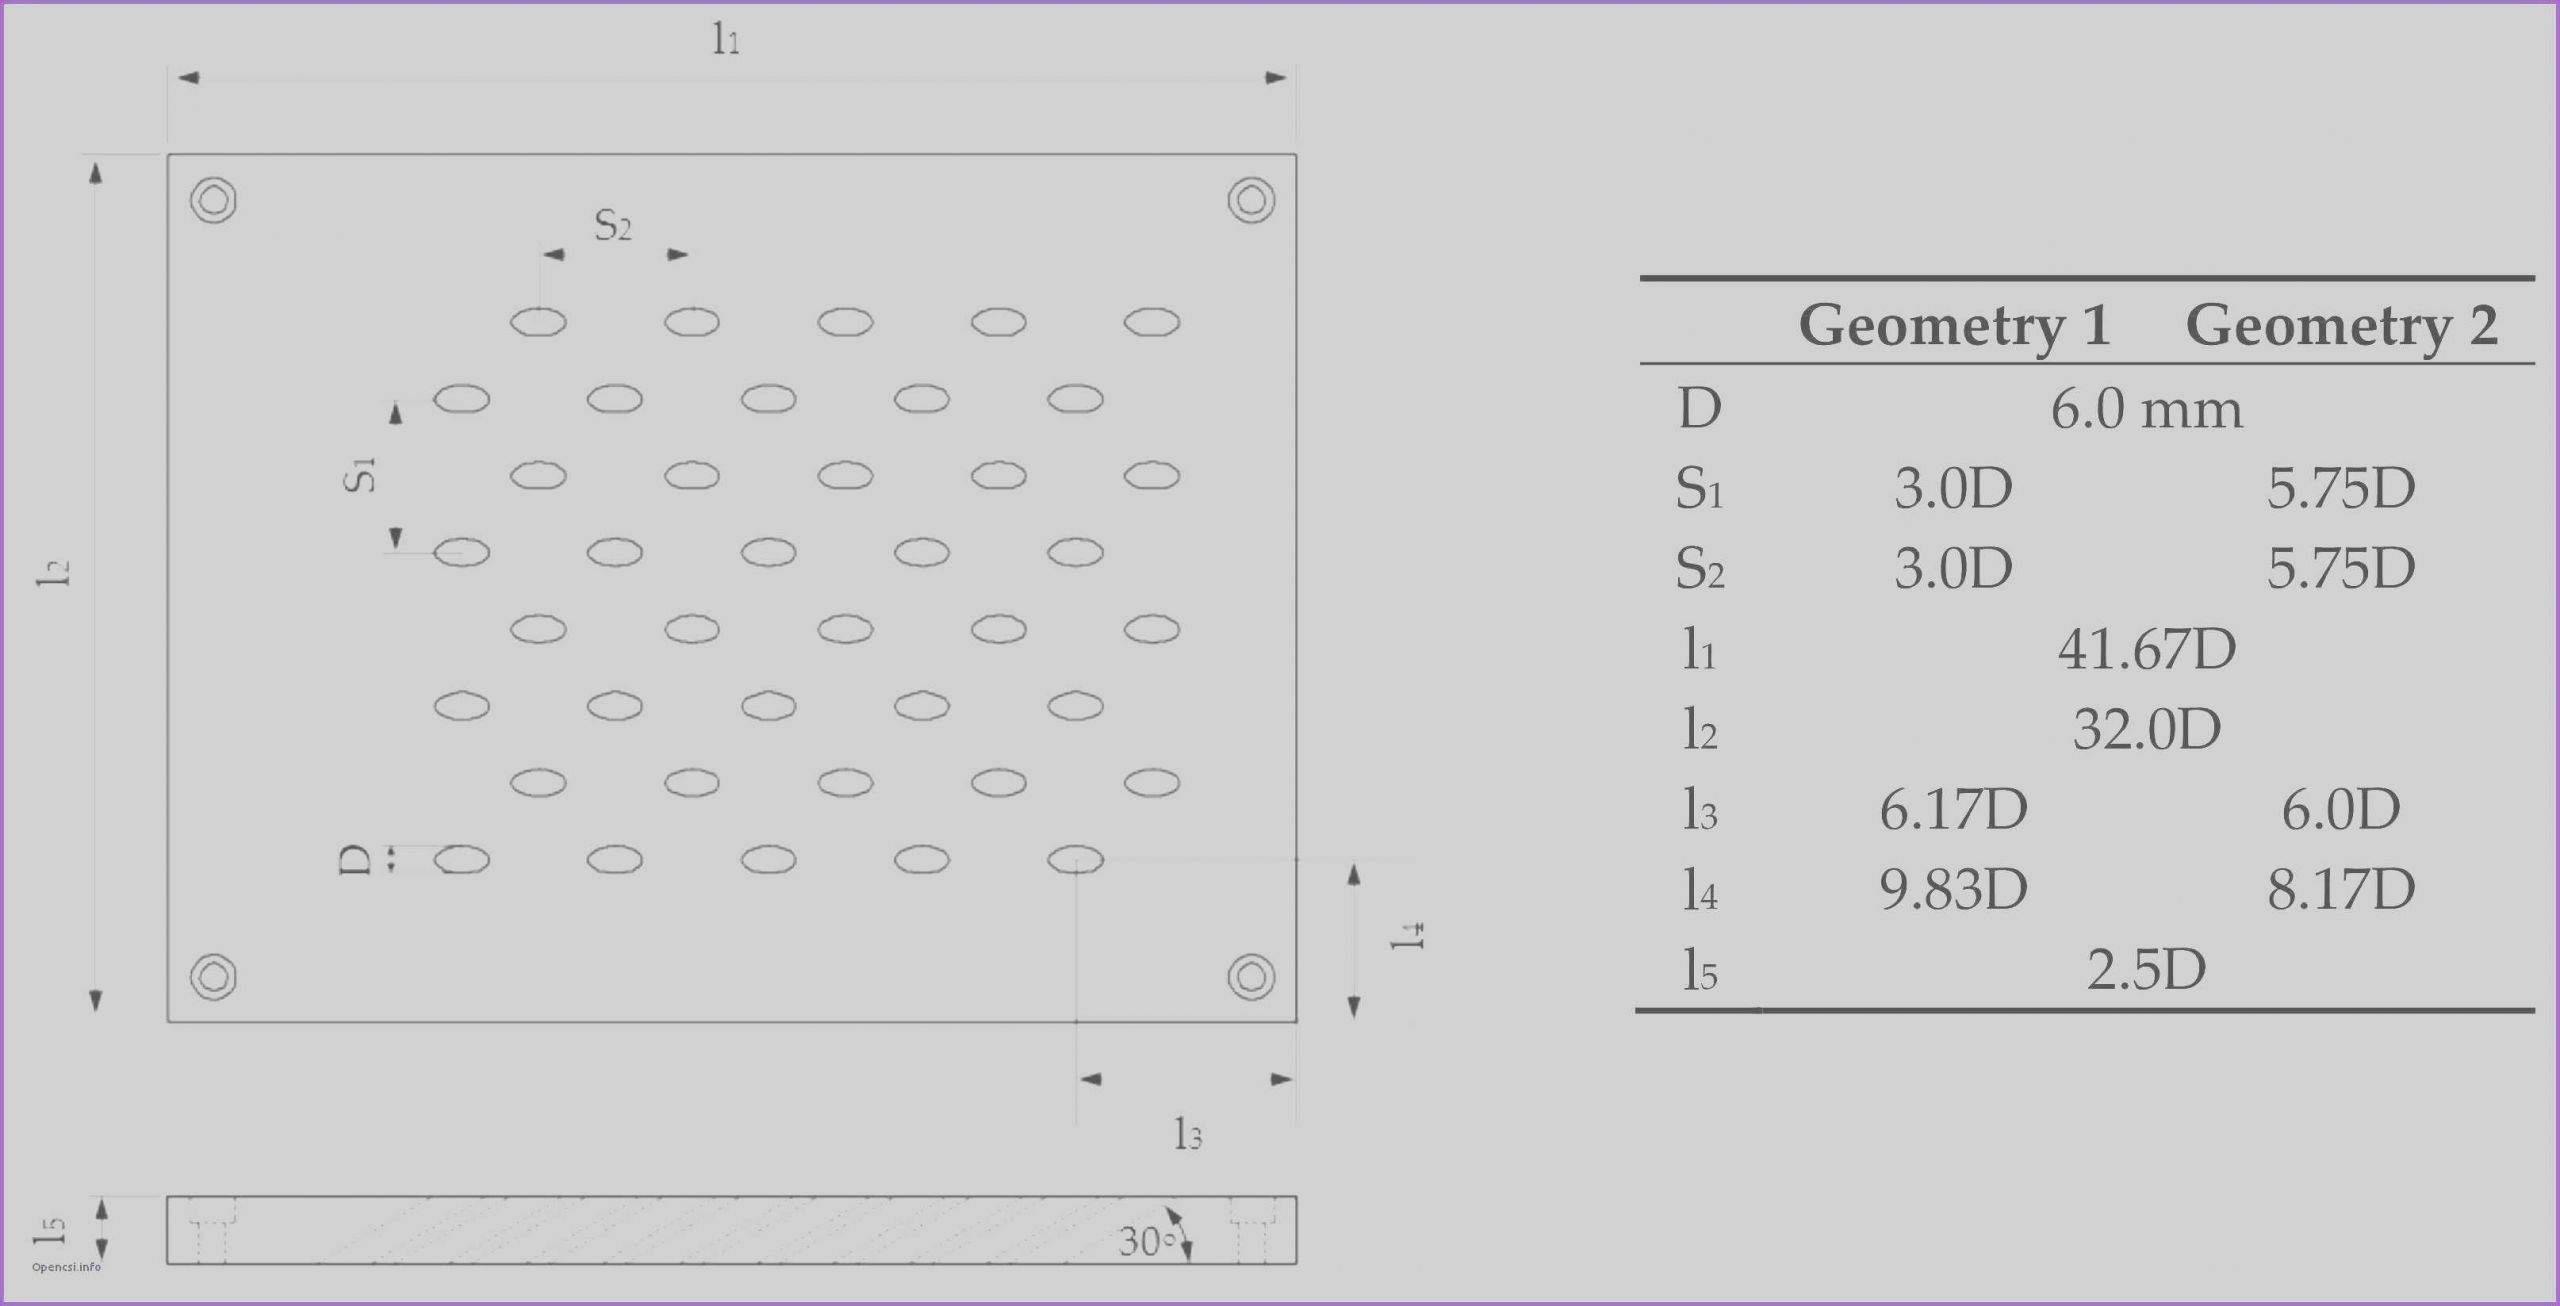 garten gestalten software kostenlos schon garten terrasse gestalten elegant design 44 zum garten of garten gestalten software kostenlos